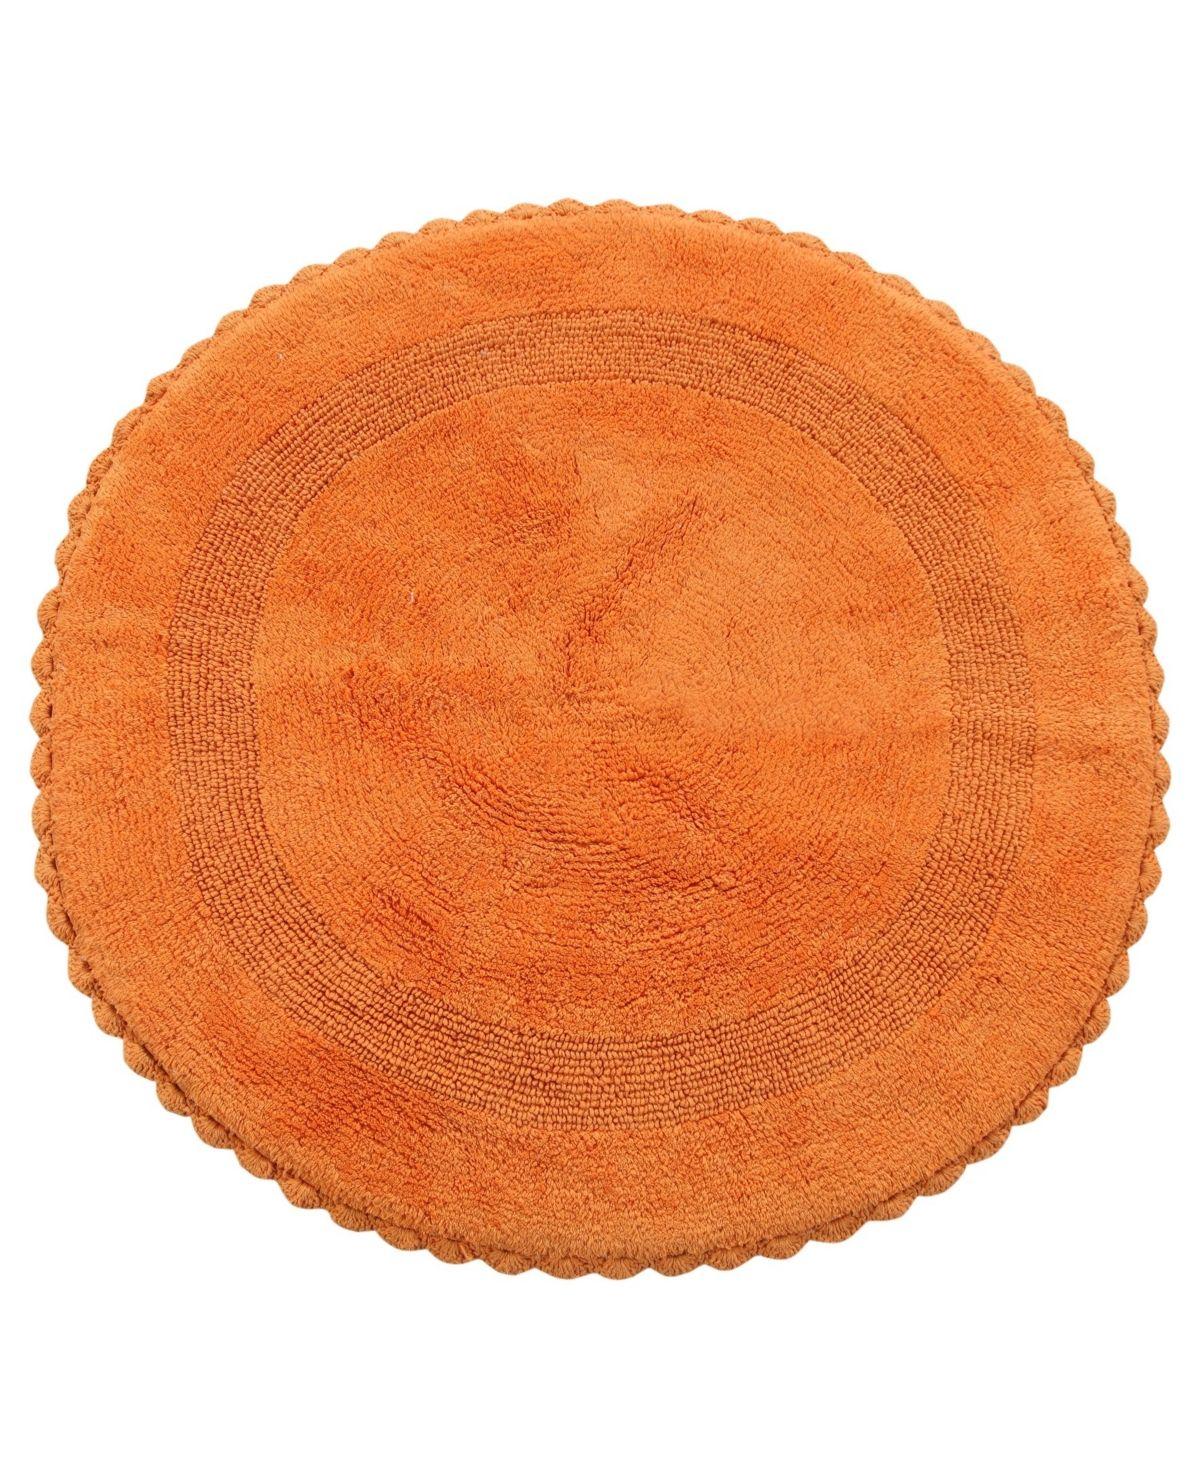 Saffron Fabs Crochet Lace Border 36 Reversible Cotton Round Bath